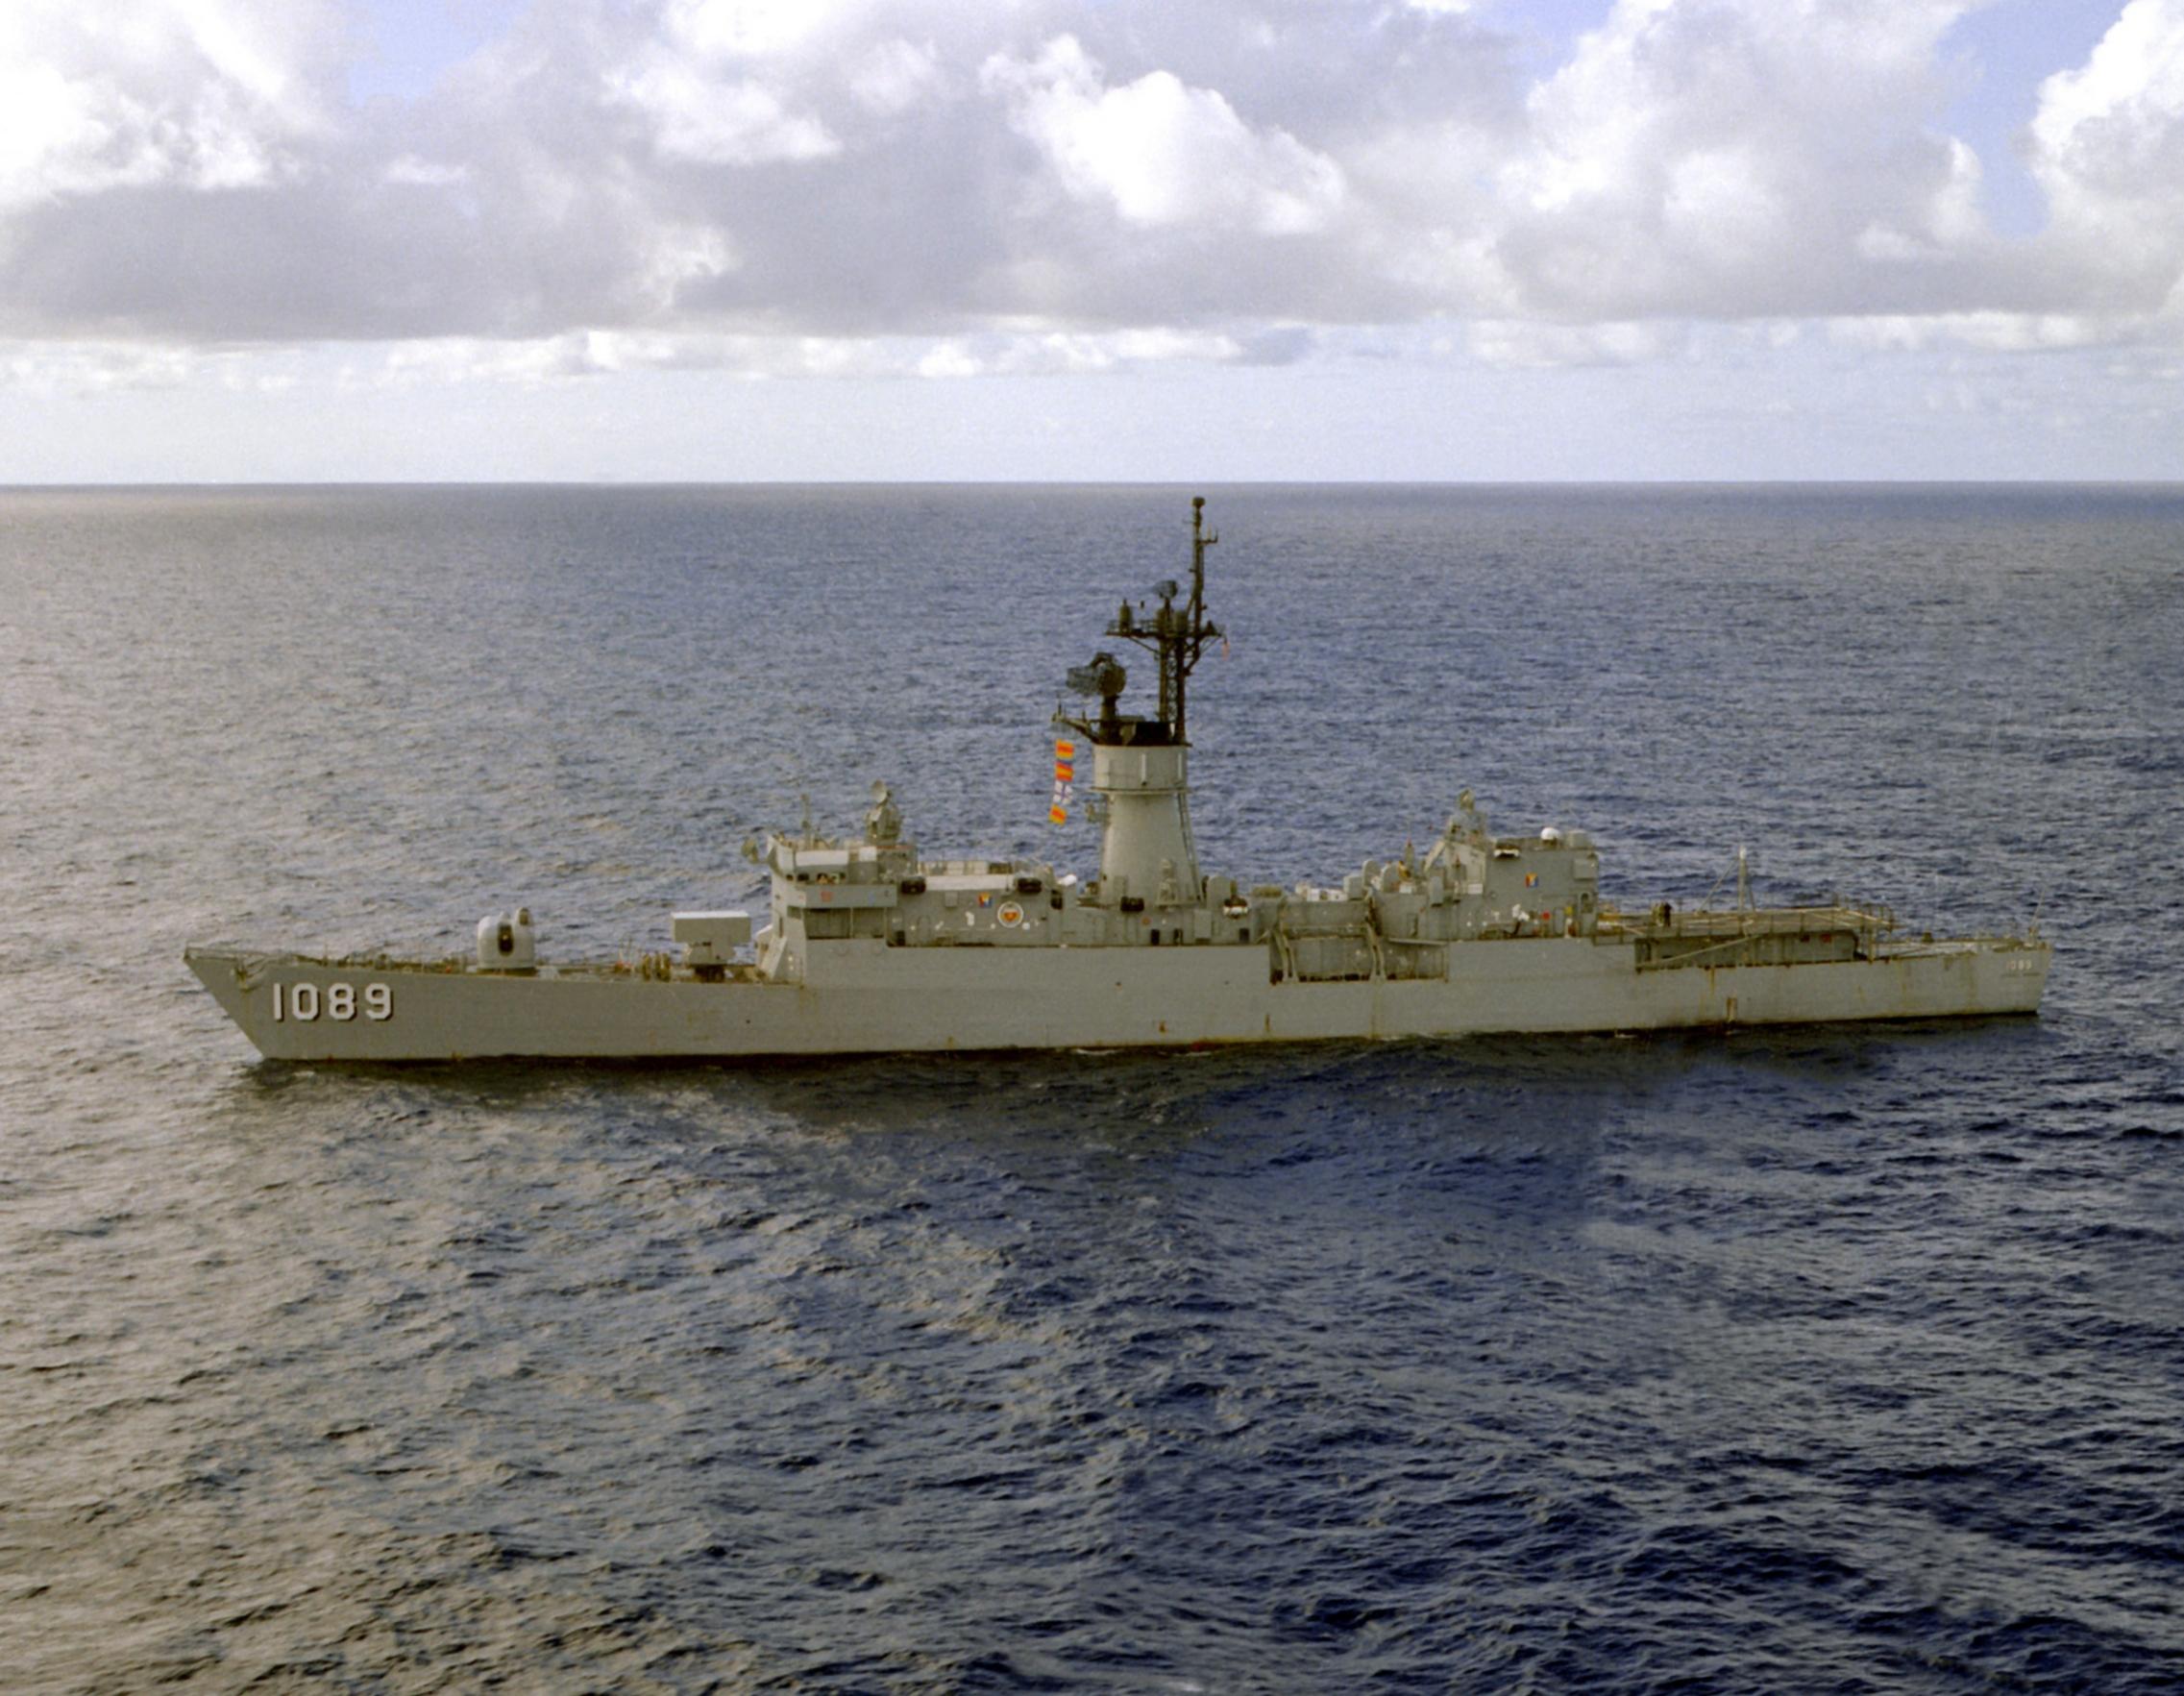 USS Jesse L. Brown (FF-1089)